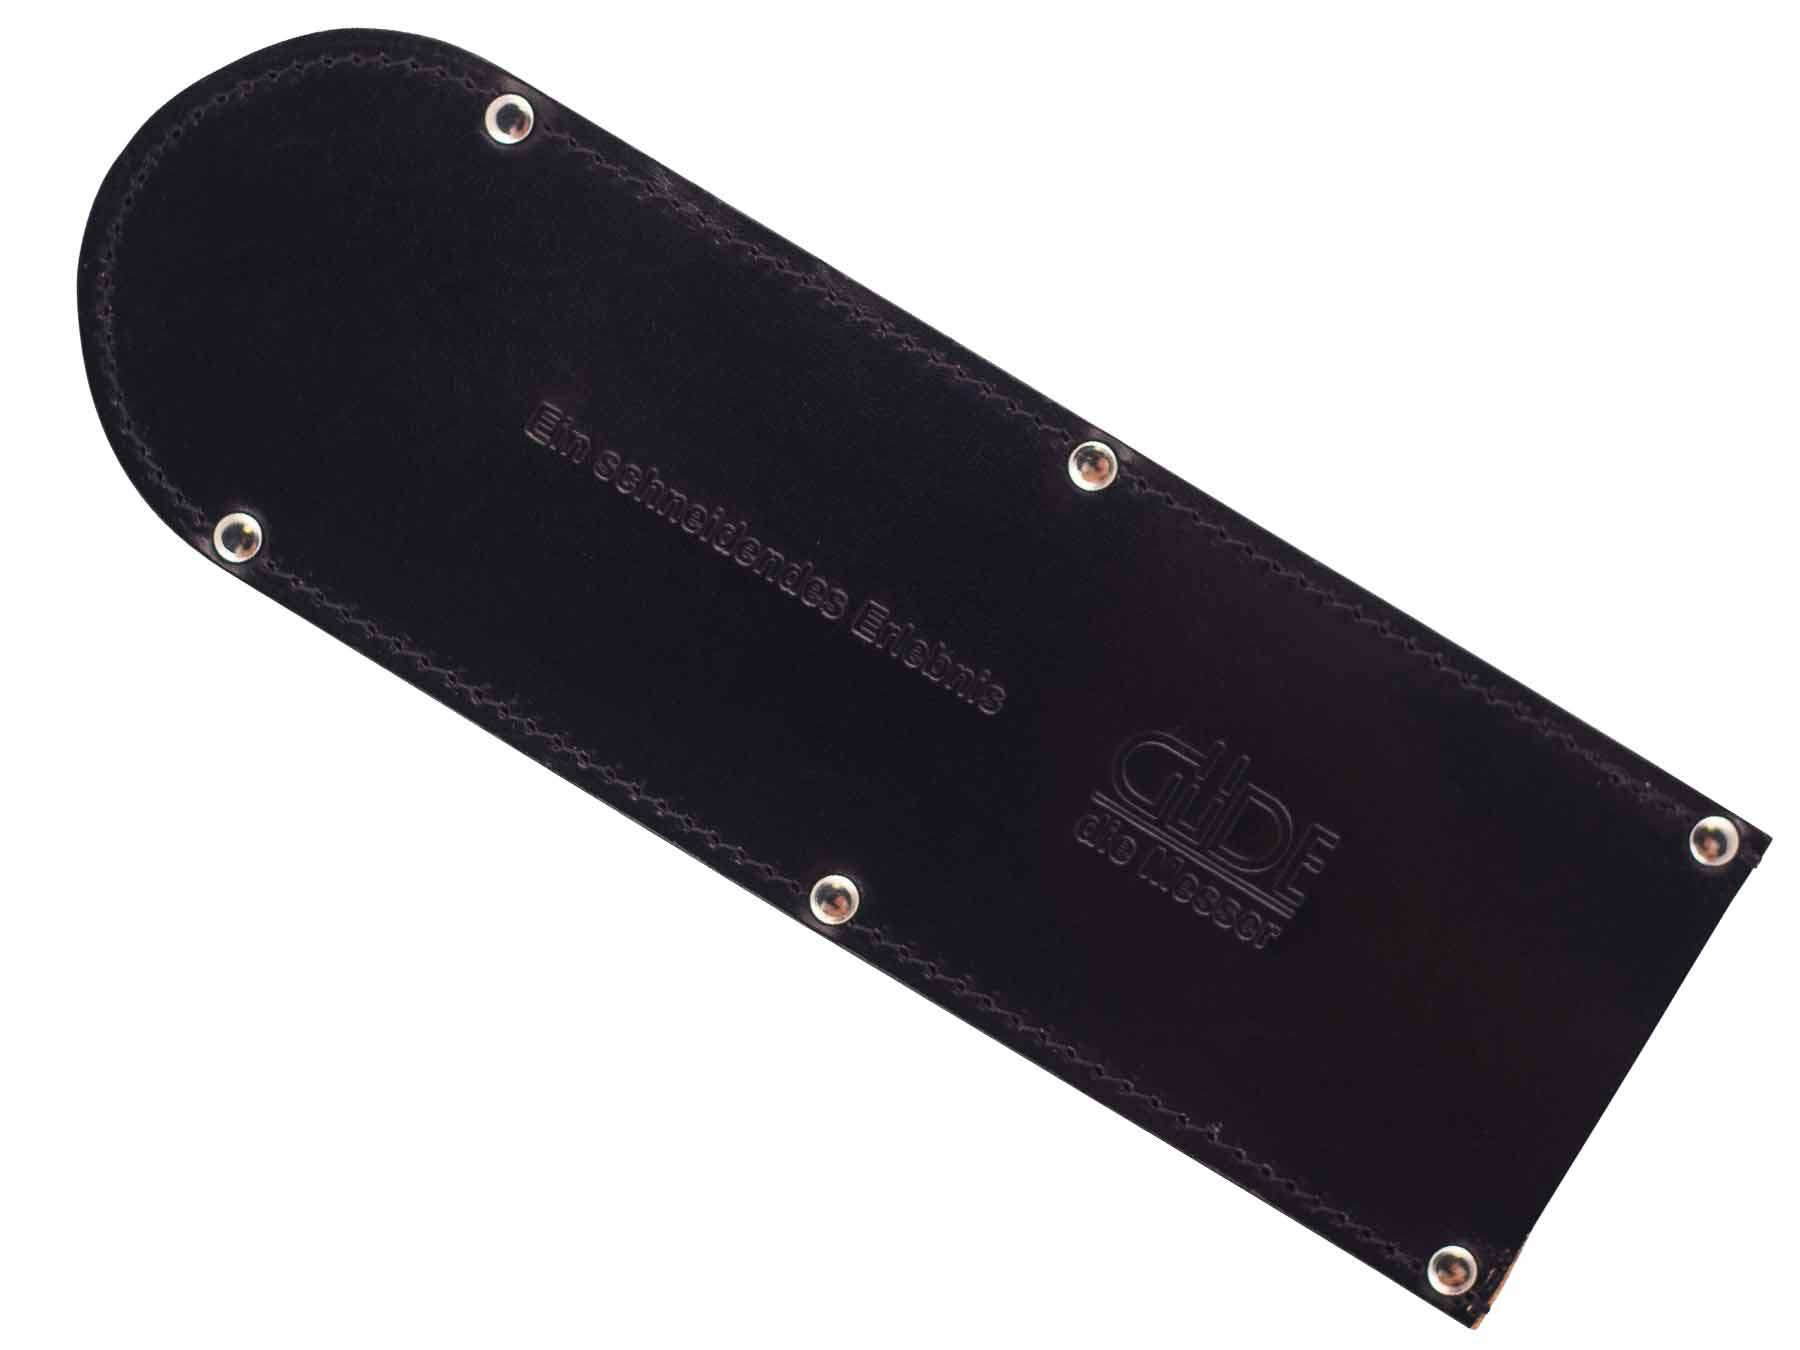 Güde Messerscheide 5200/21 aus Leder - 21 cm